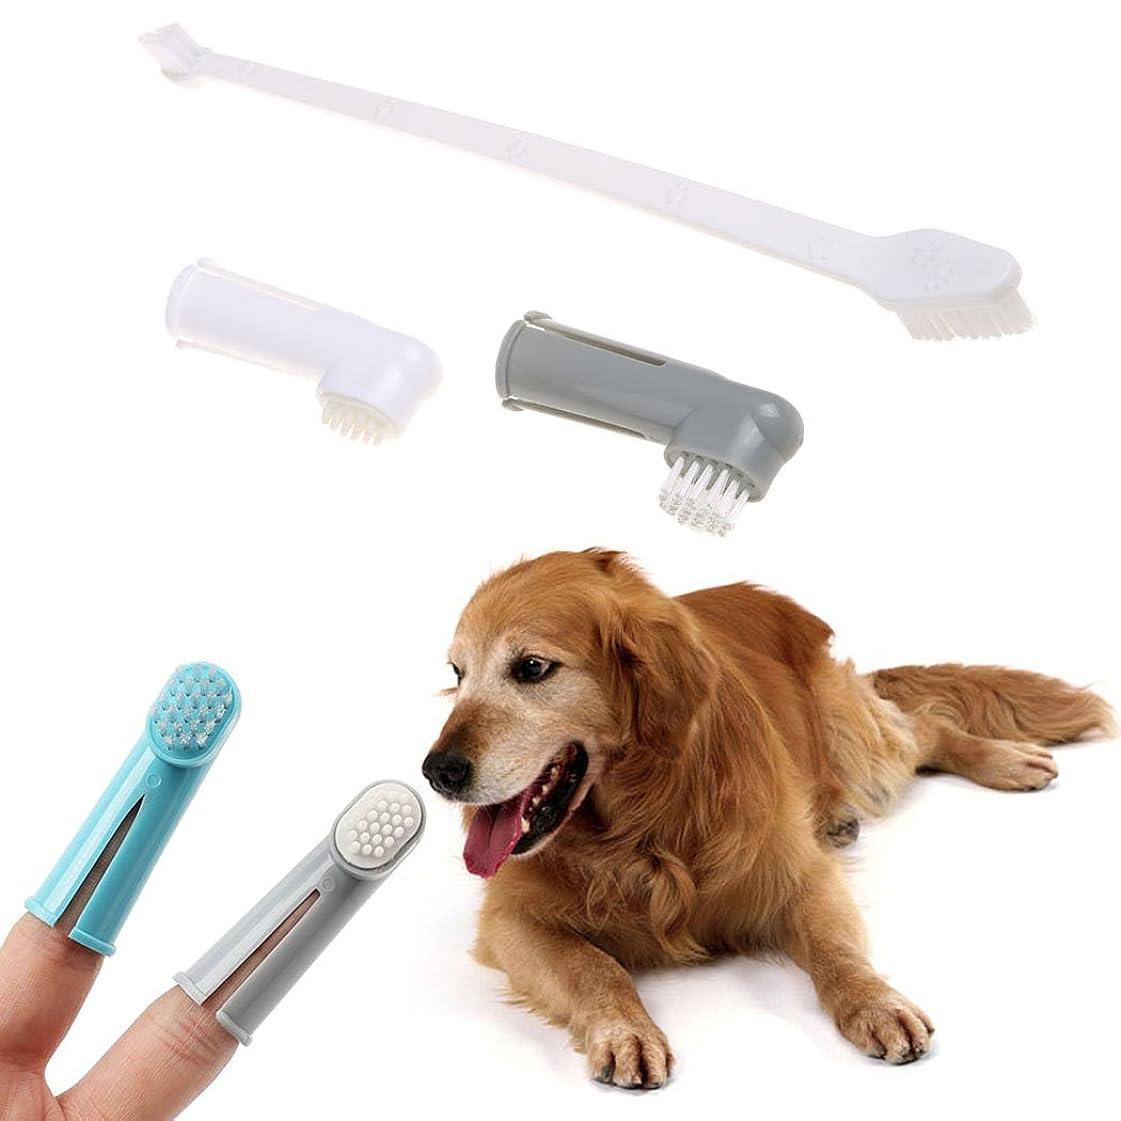 気をつけて便利さ本部Legendog ペットの歯ブラシ 犬用歯ブラシ 指歯 ブラシ 歯磨き ペット歯ケア用品 カラフル 3ピースセット(合計9個)